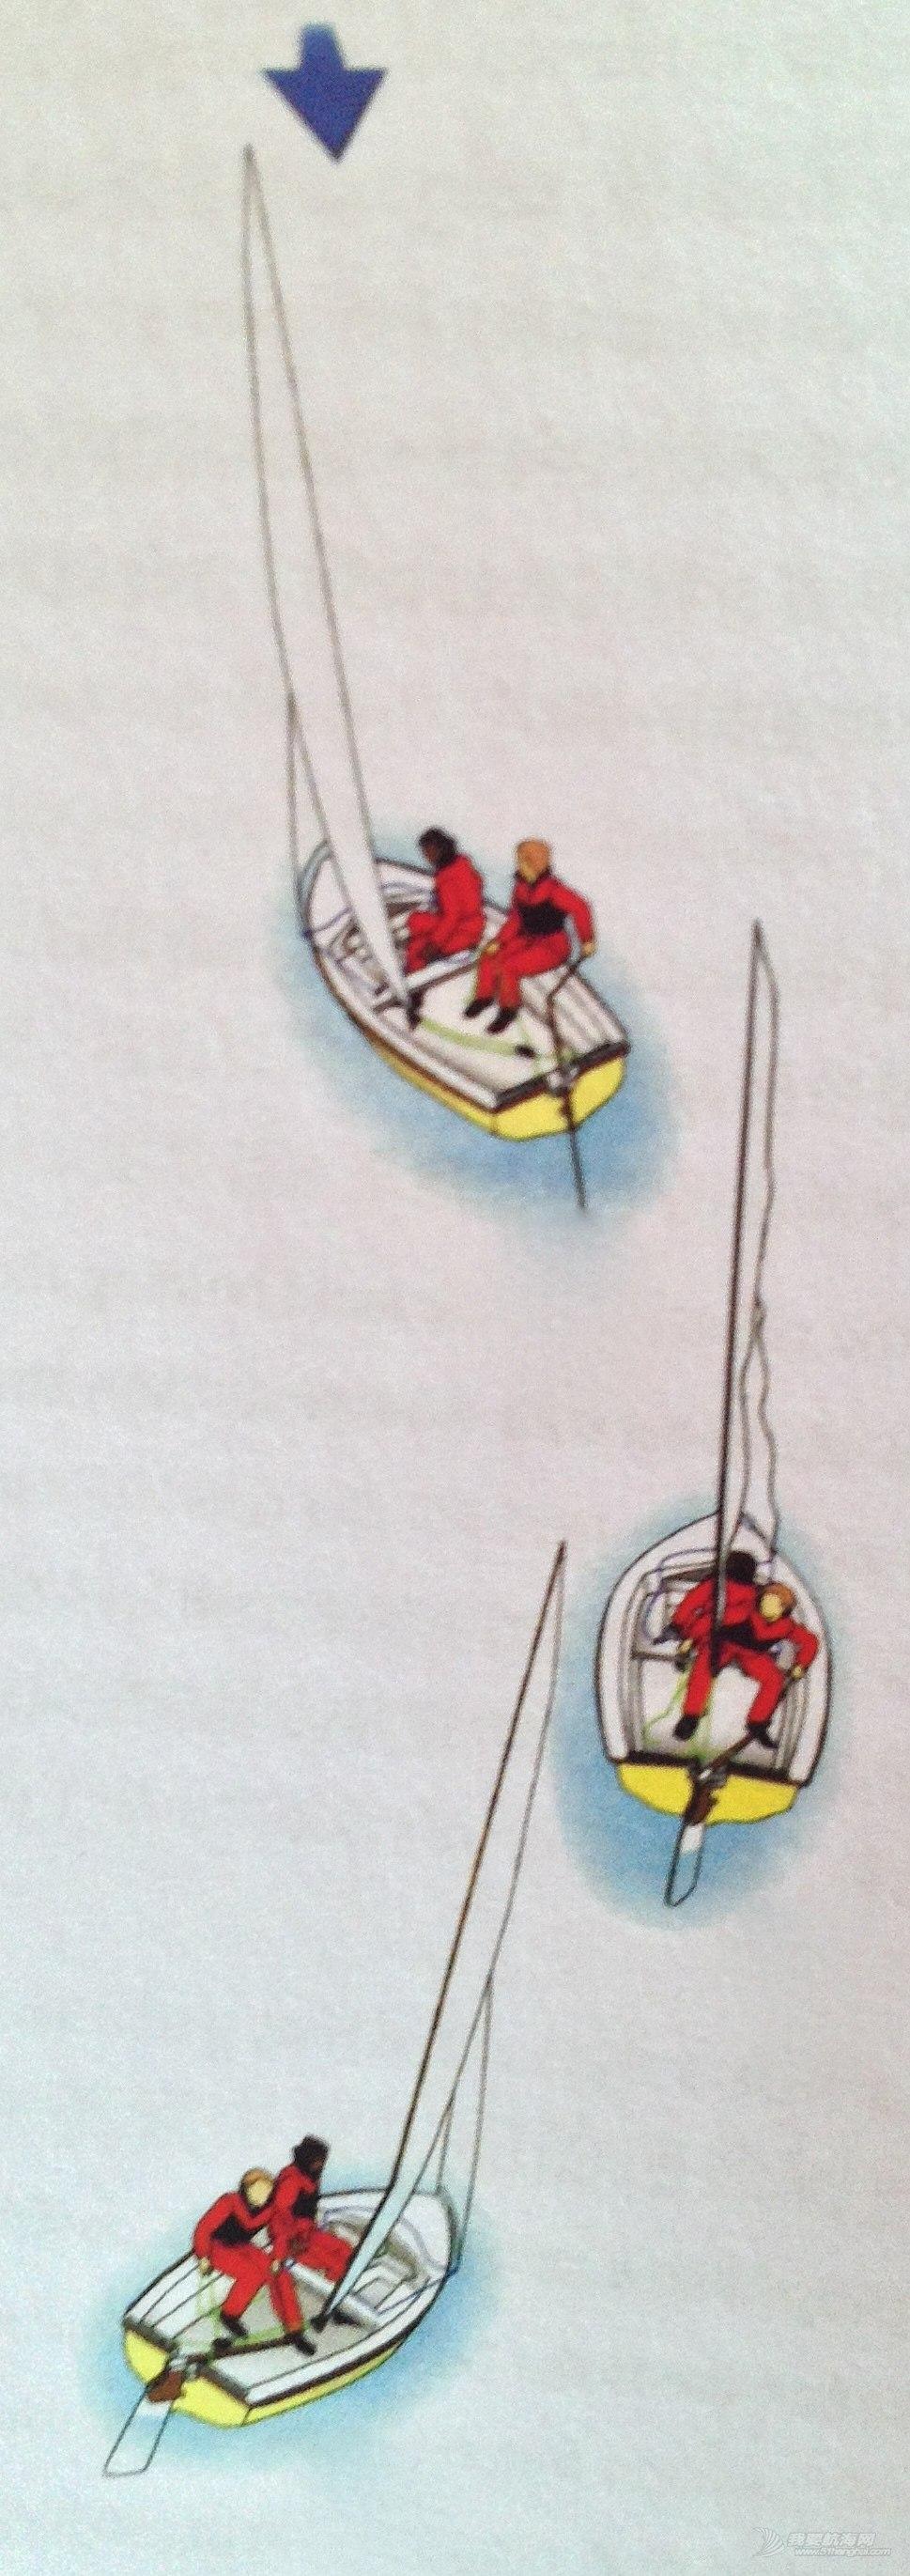 转向就是把船头调离原来的方向和路线,穿越过正顶风之后,驶向另一个方向。